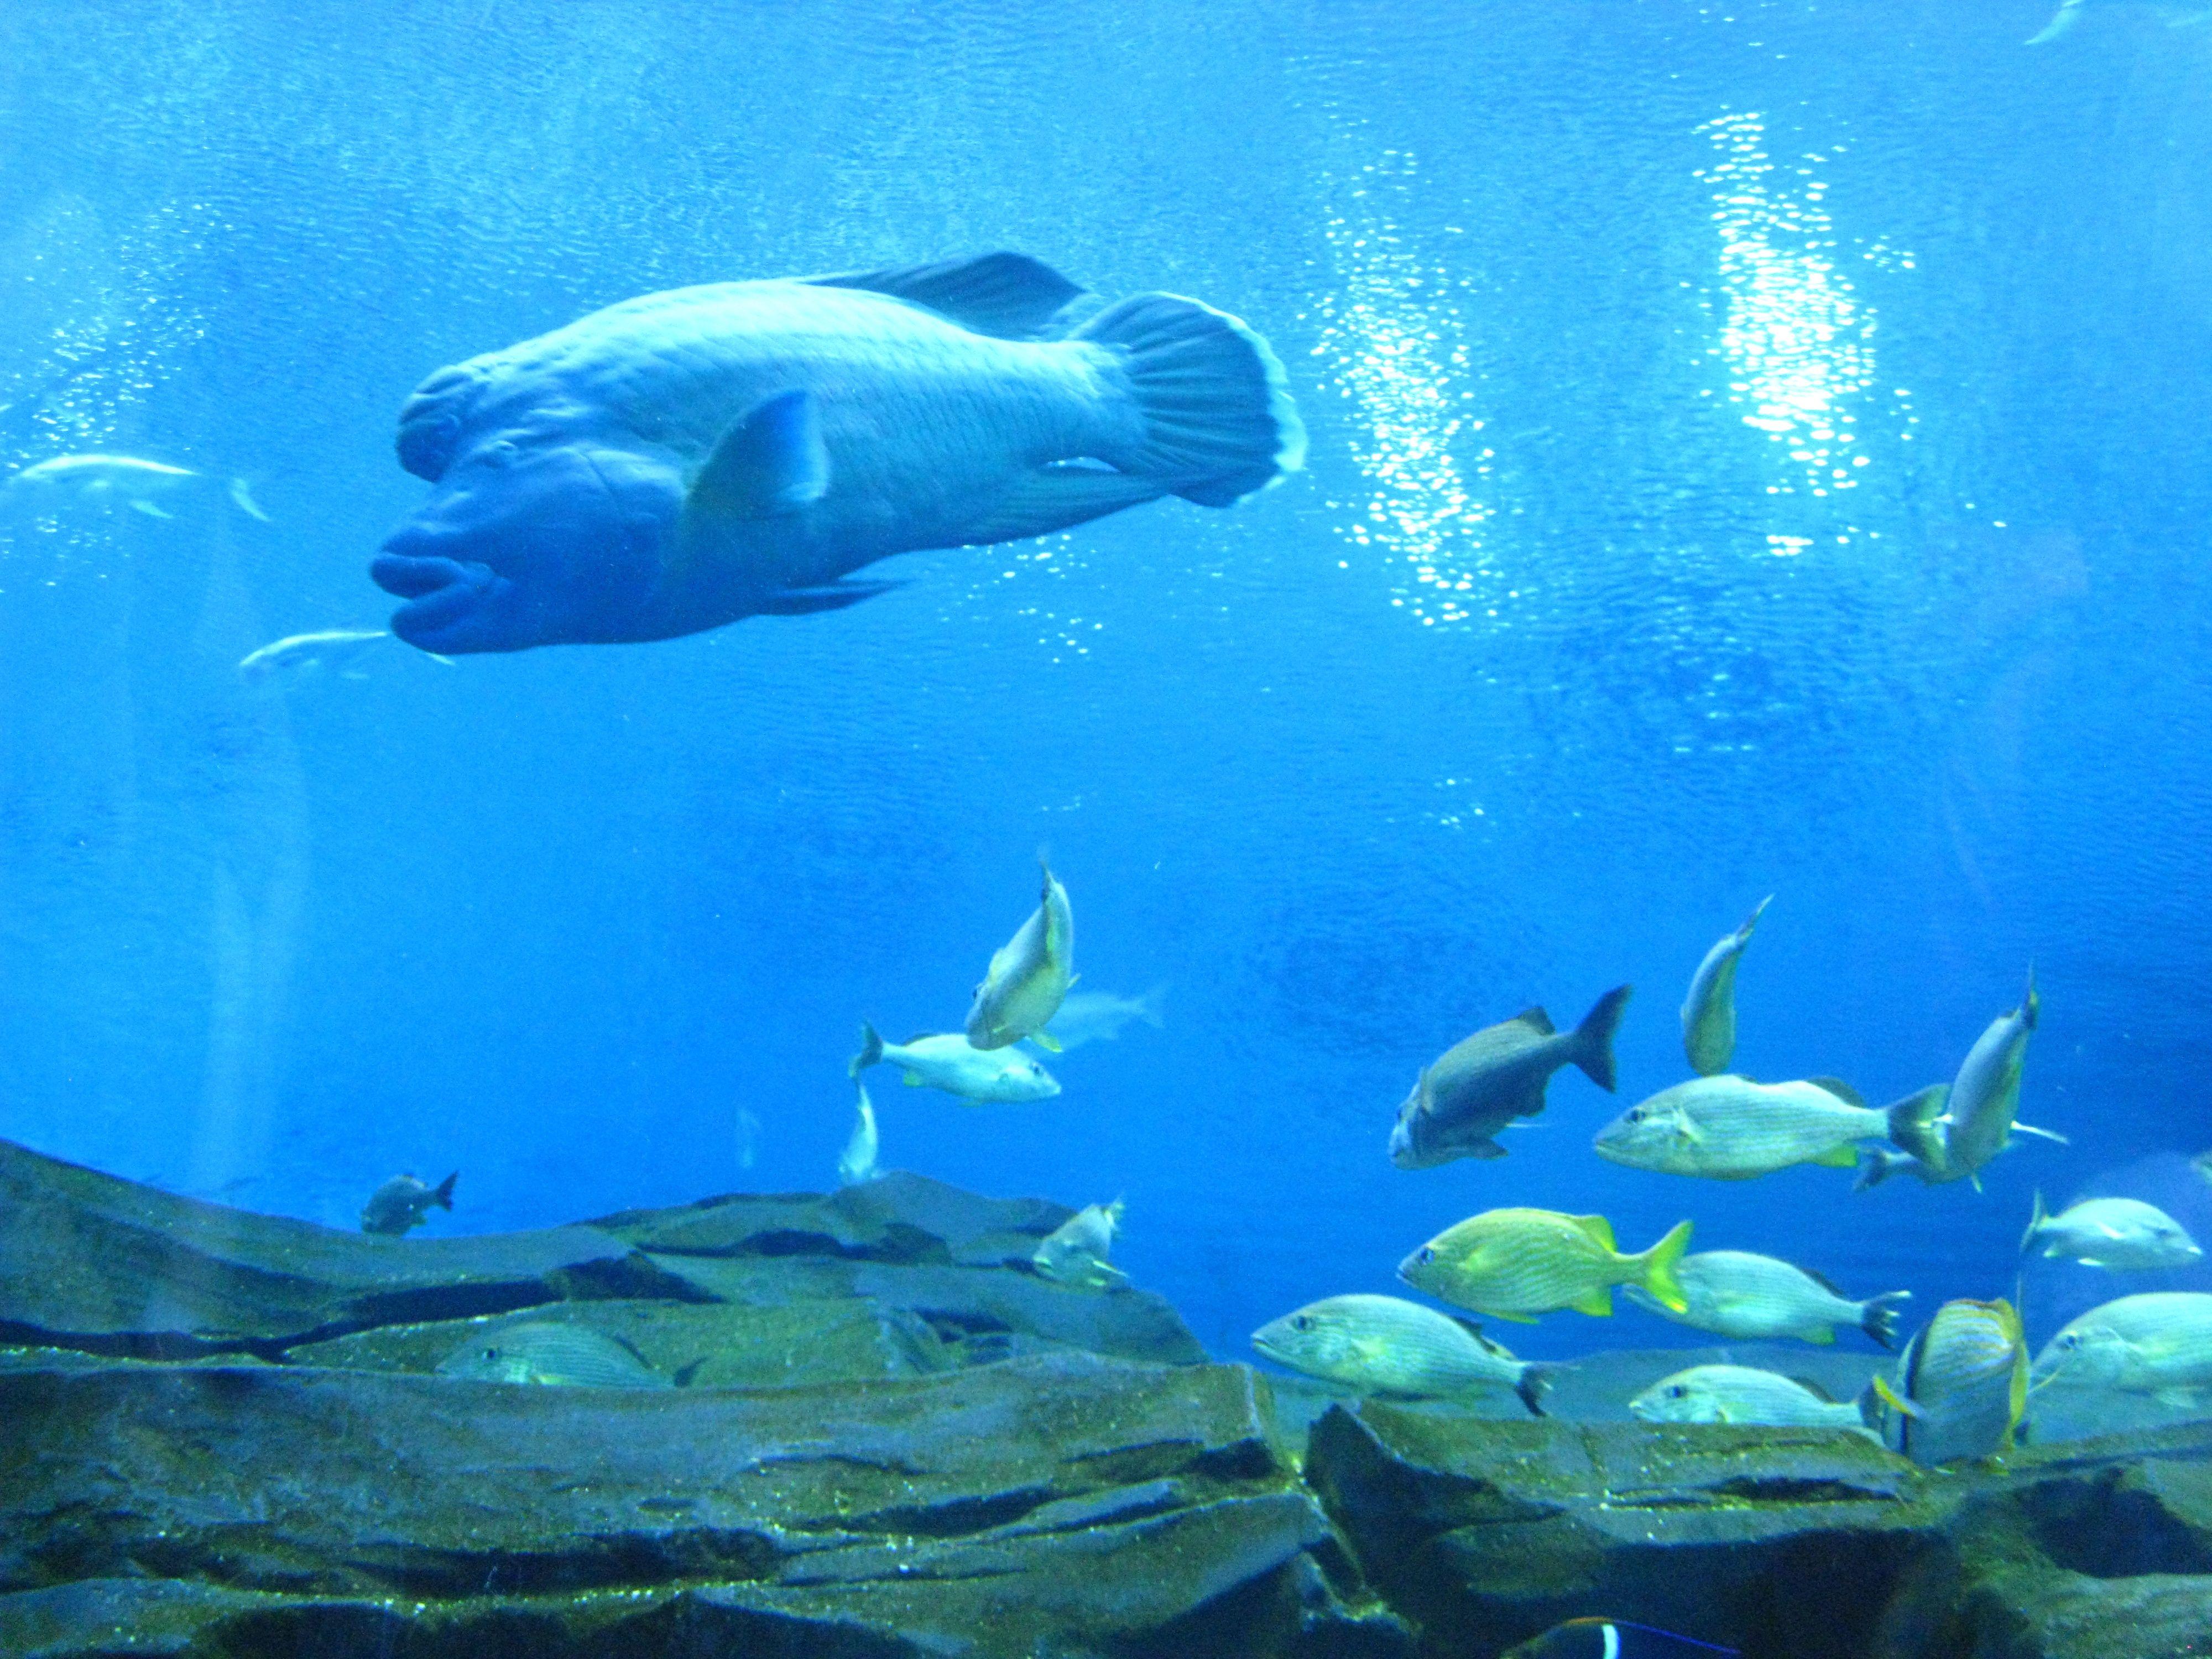 Fish in big aquarium - Pictures